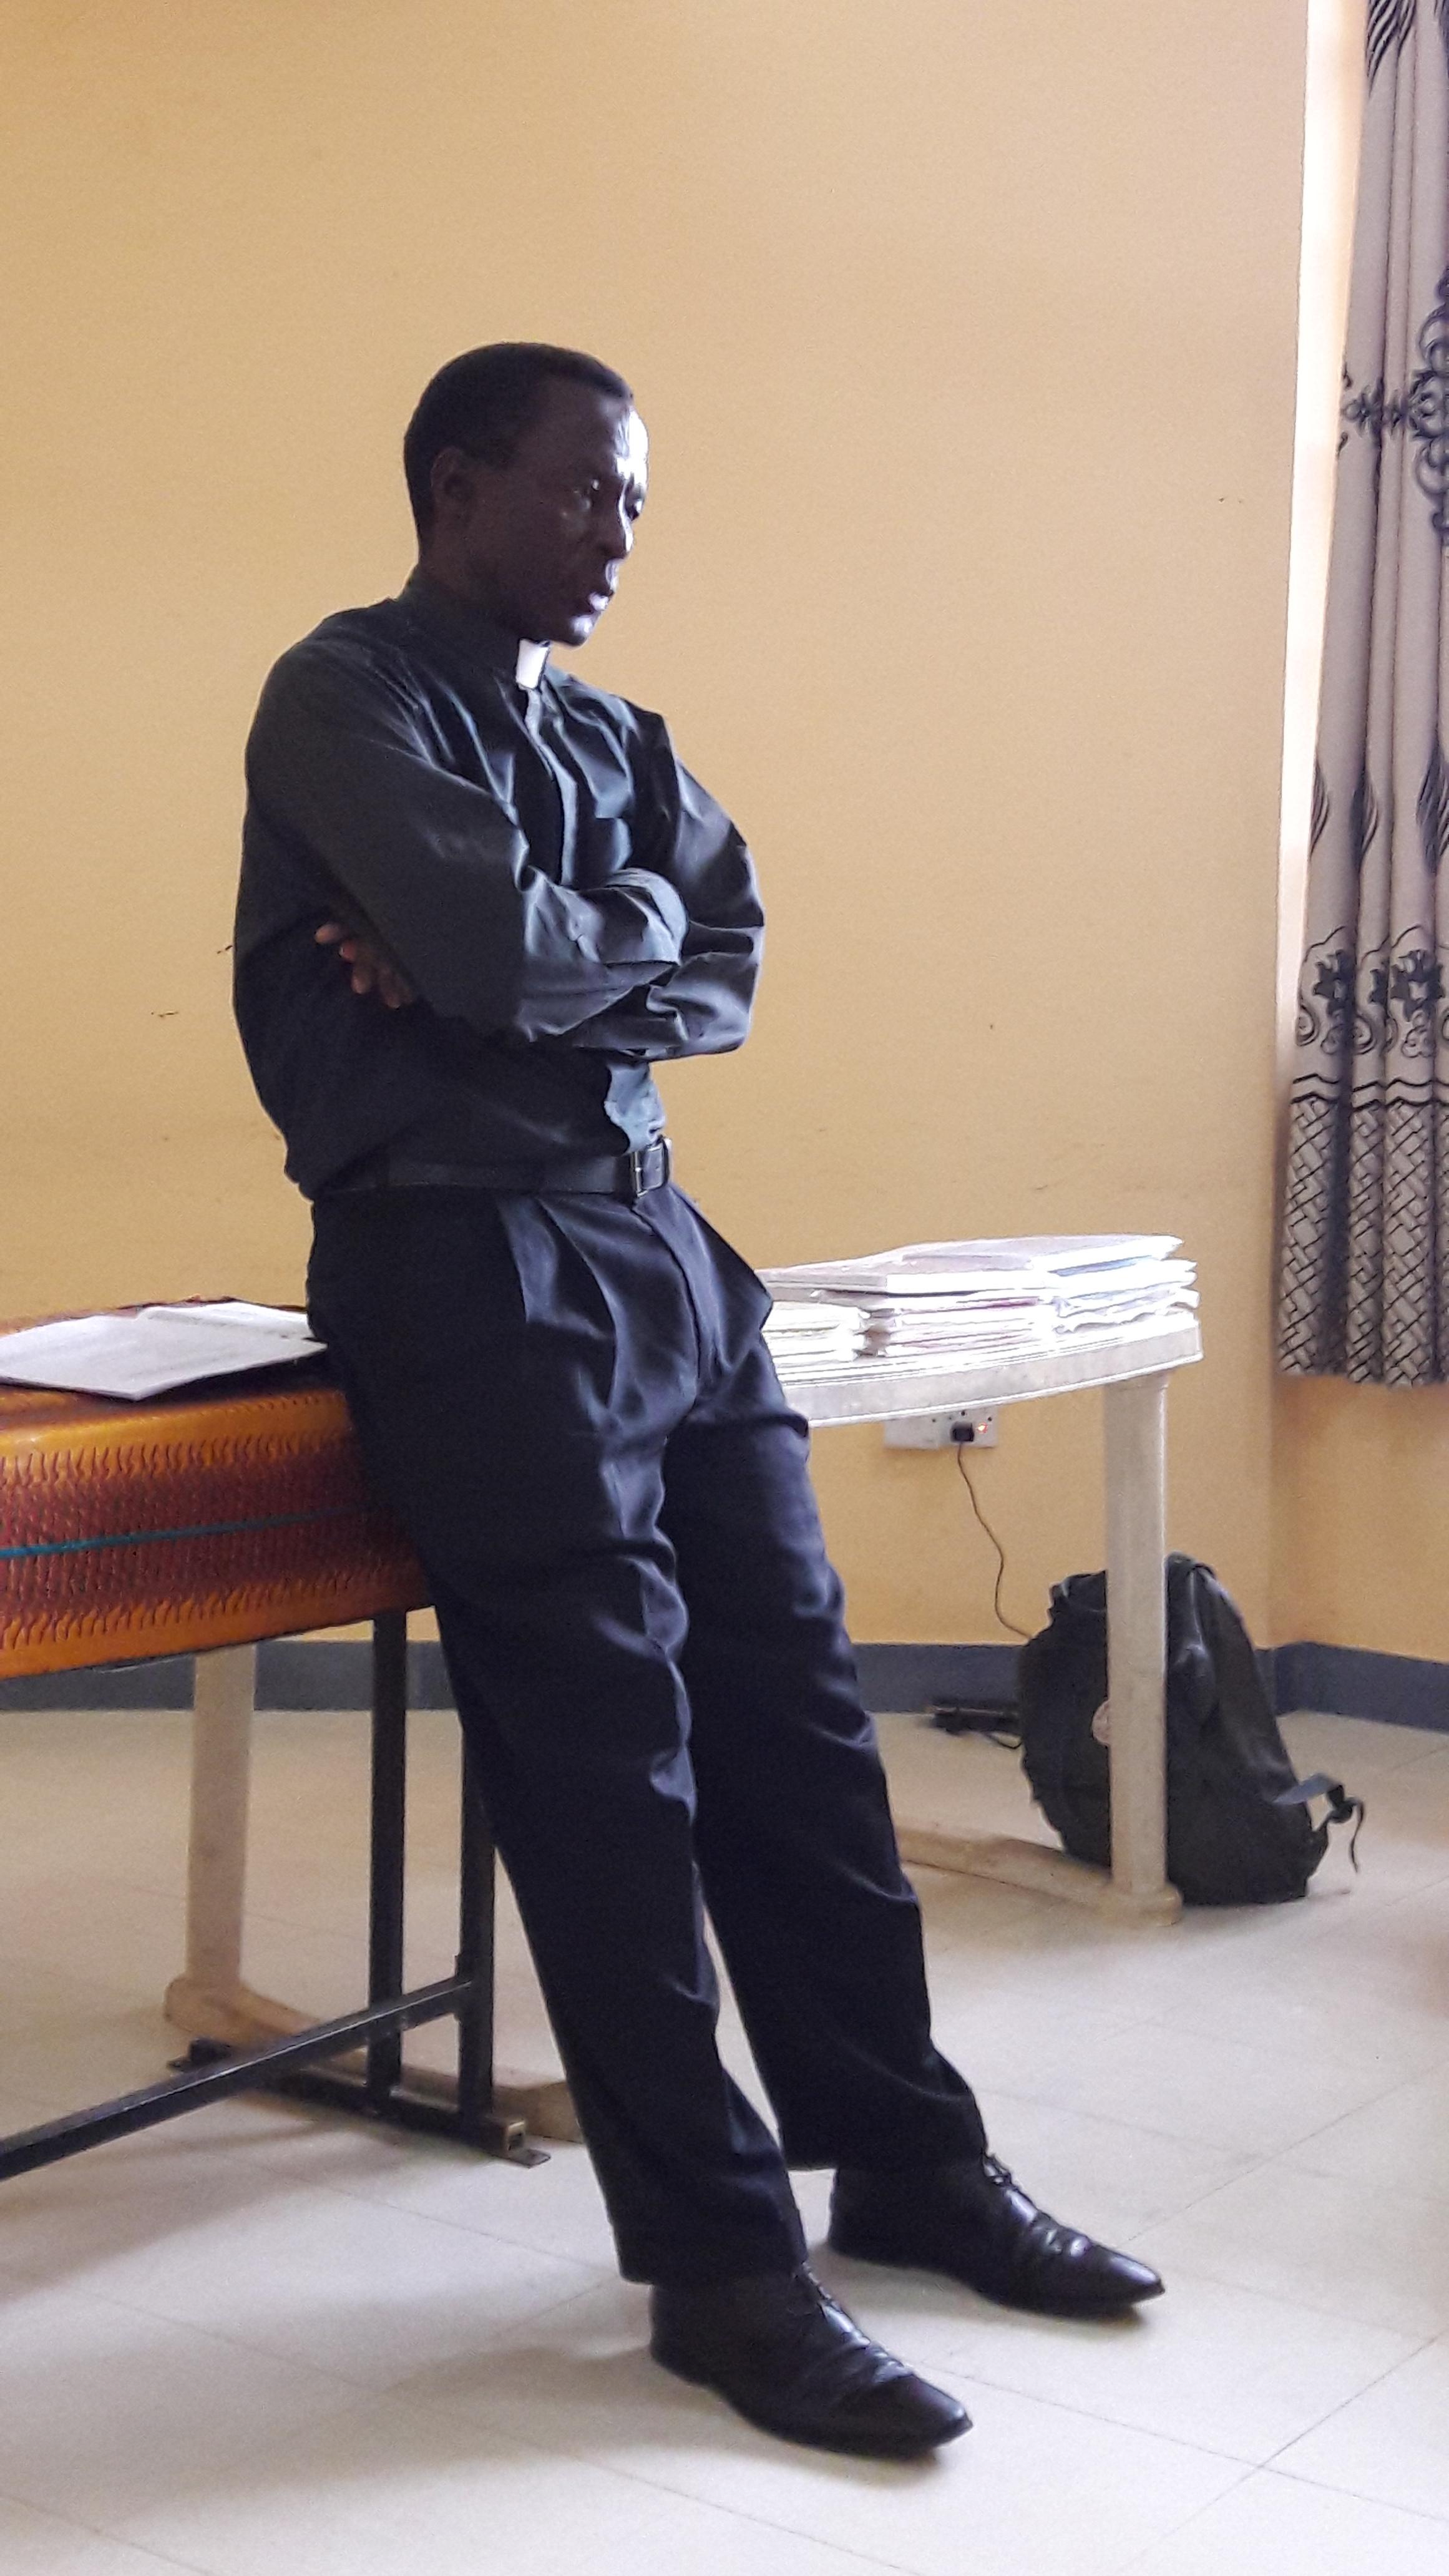 Mch. Oswald Ndelwa